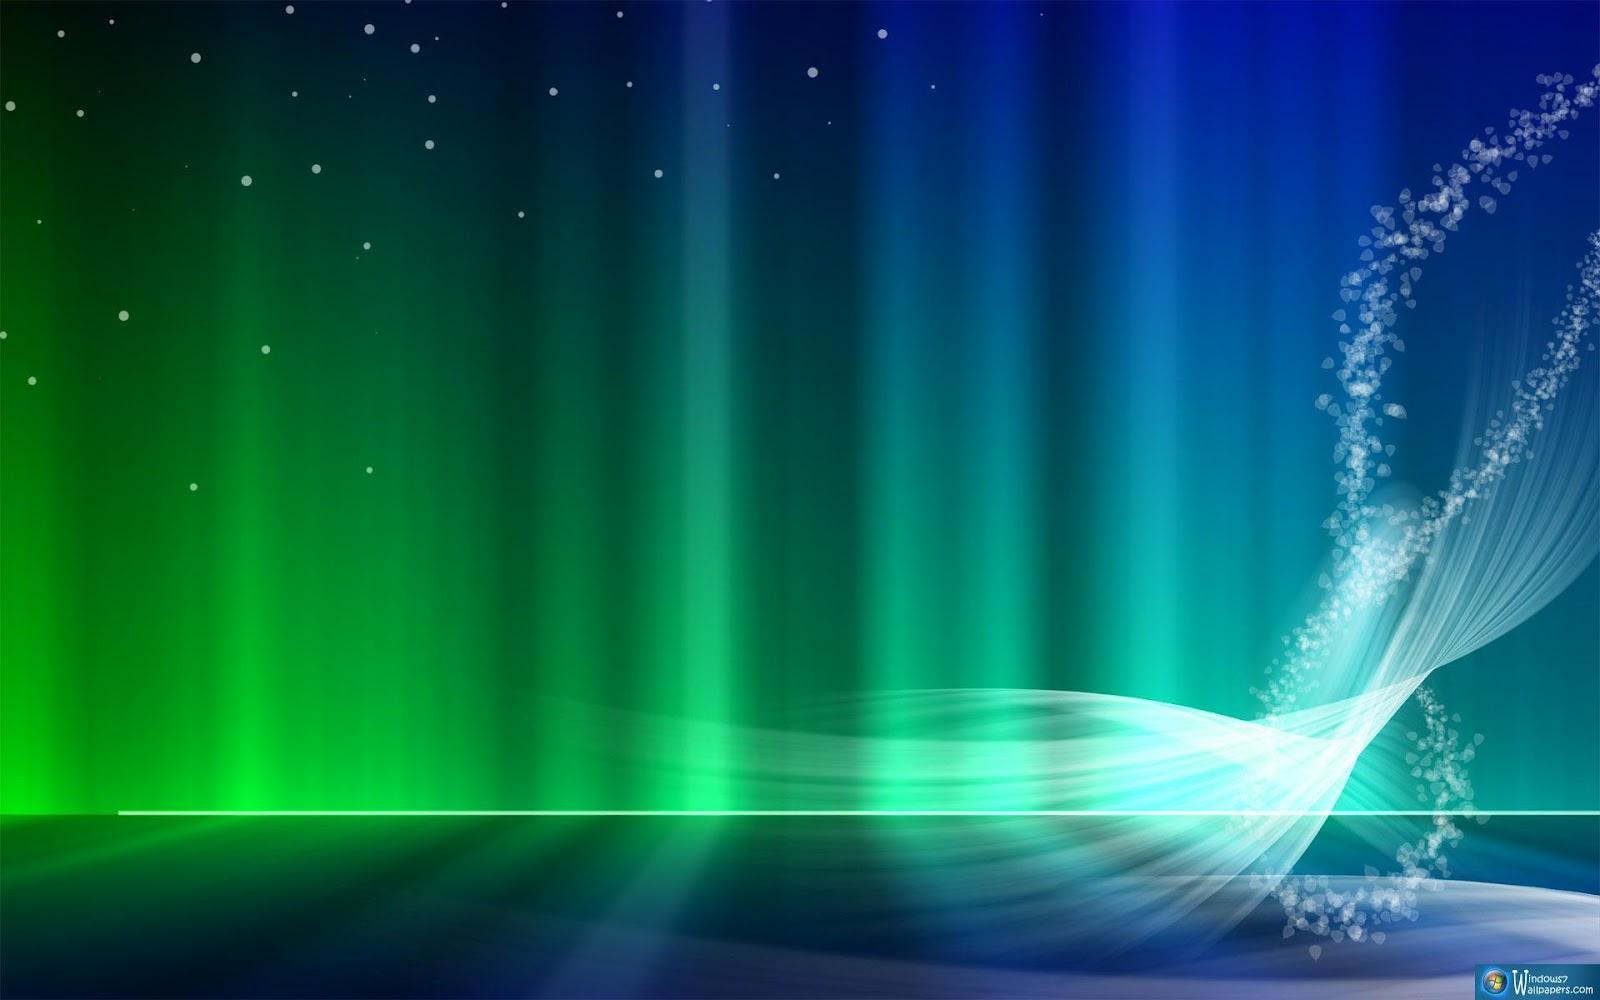 http://3.bp.blogspot.com/-l0l6xexJt84/T9D3iksN3iI/AAAAAAAAAkE/LZqqTdUi7z0/s1600/windows-7-wallpapers-hd-5.jpg